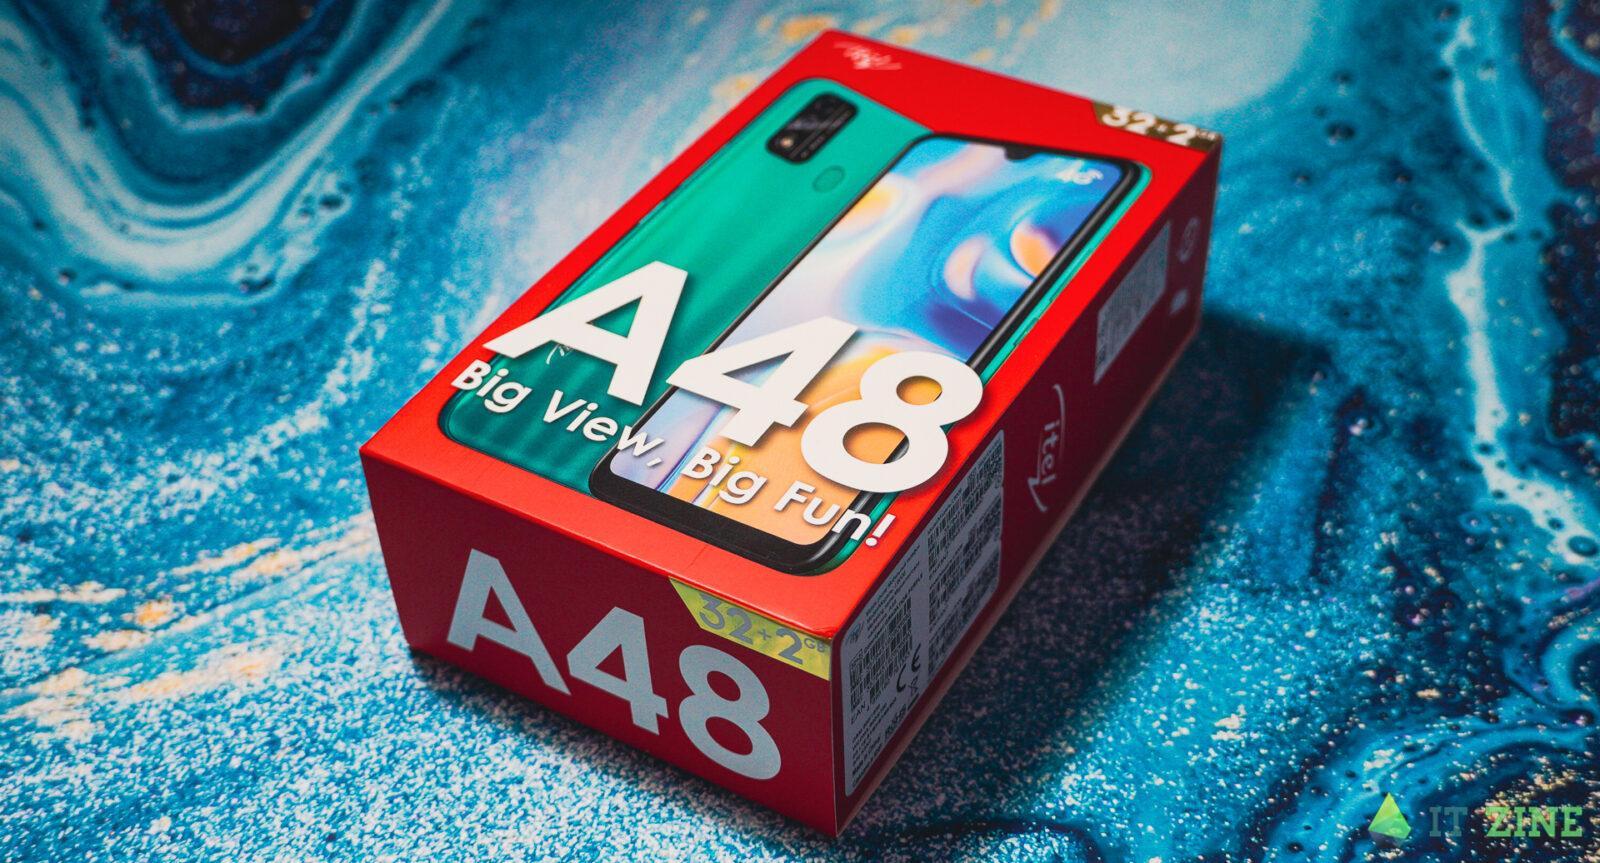 Обзор Itel A48: недорогой смартфон с LTE для школьников (itel A48 18)